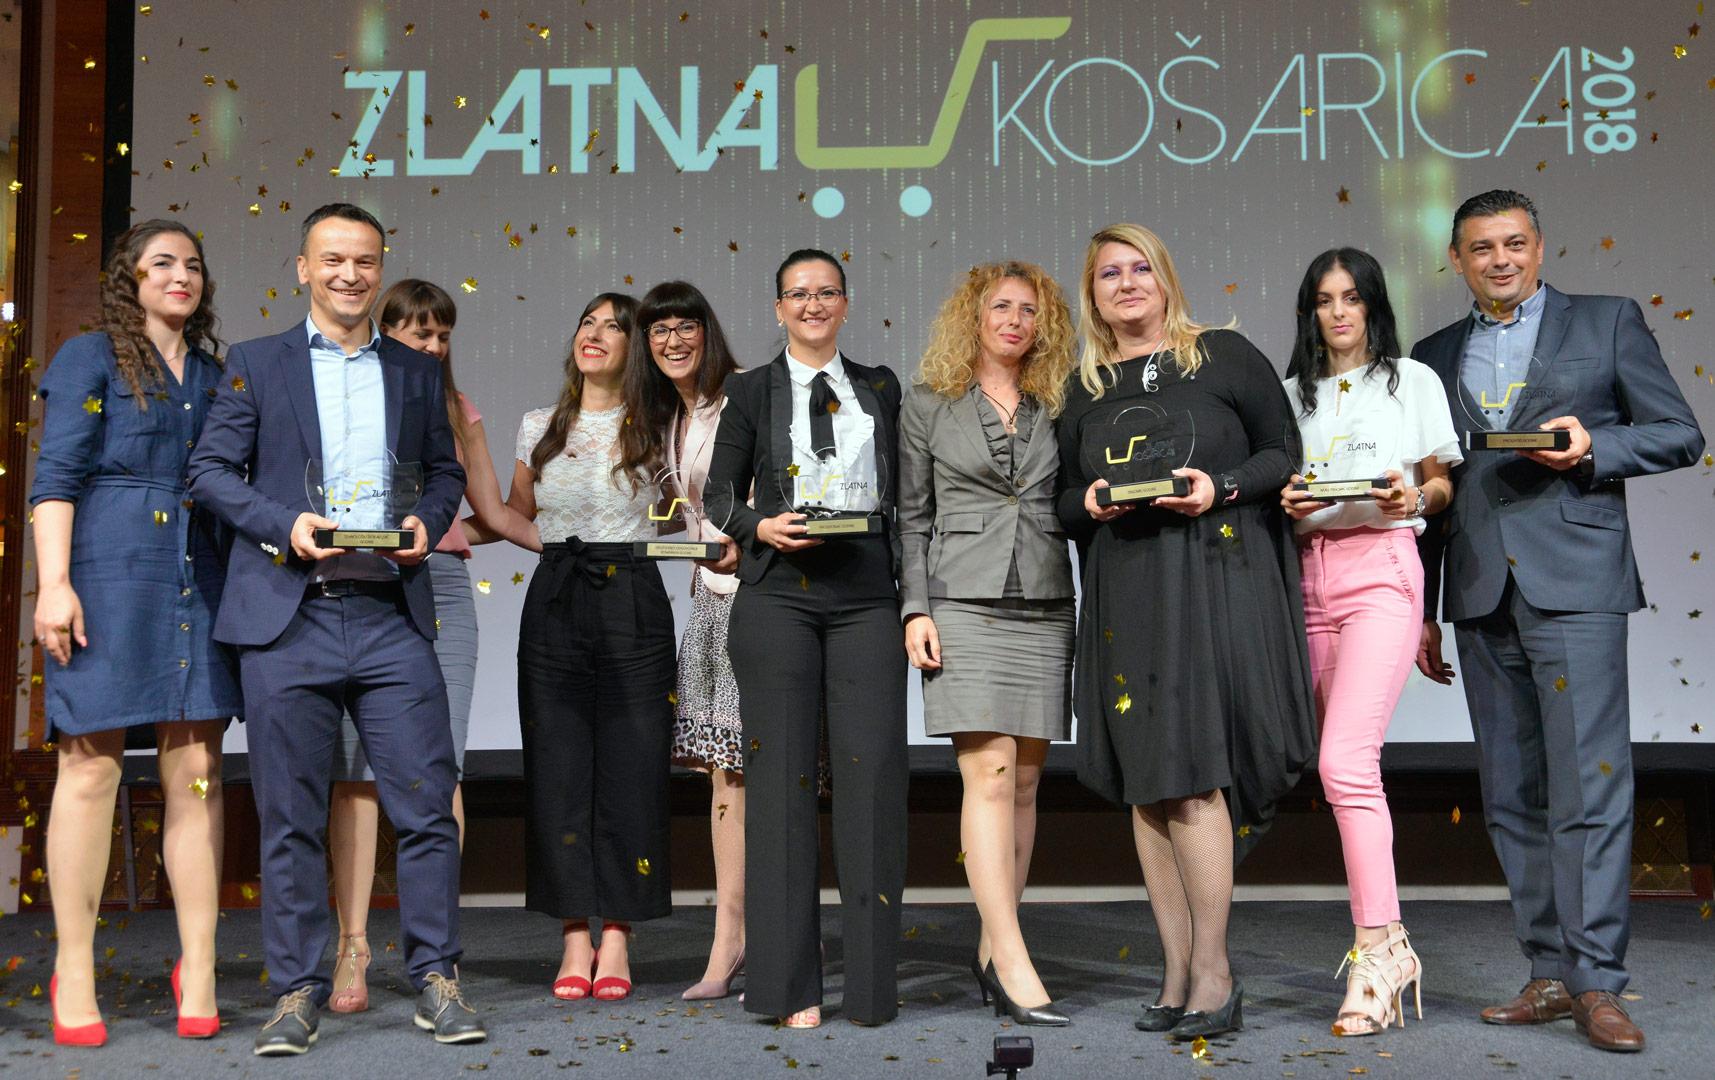 https://zlatnakosarica.com.hr/wp-content/uploads/2018/05/Pobjednici-Zlatna-košarica-2018.jpg